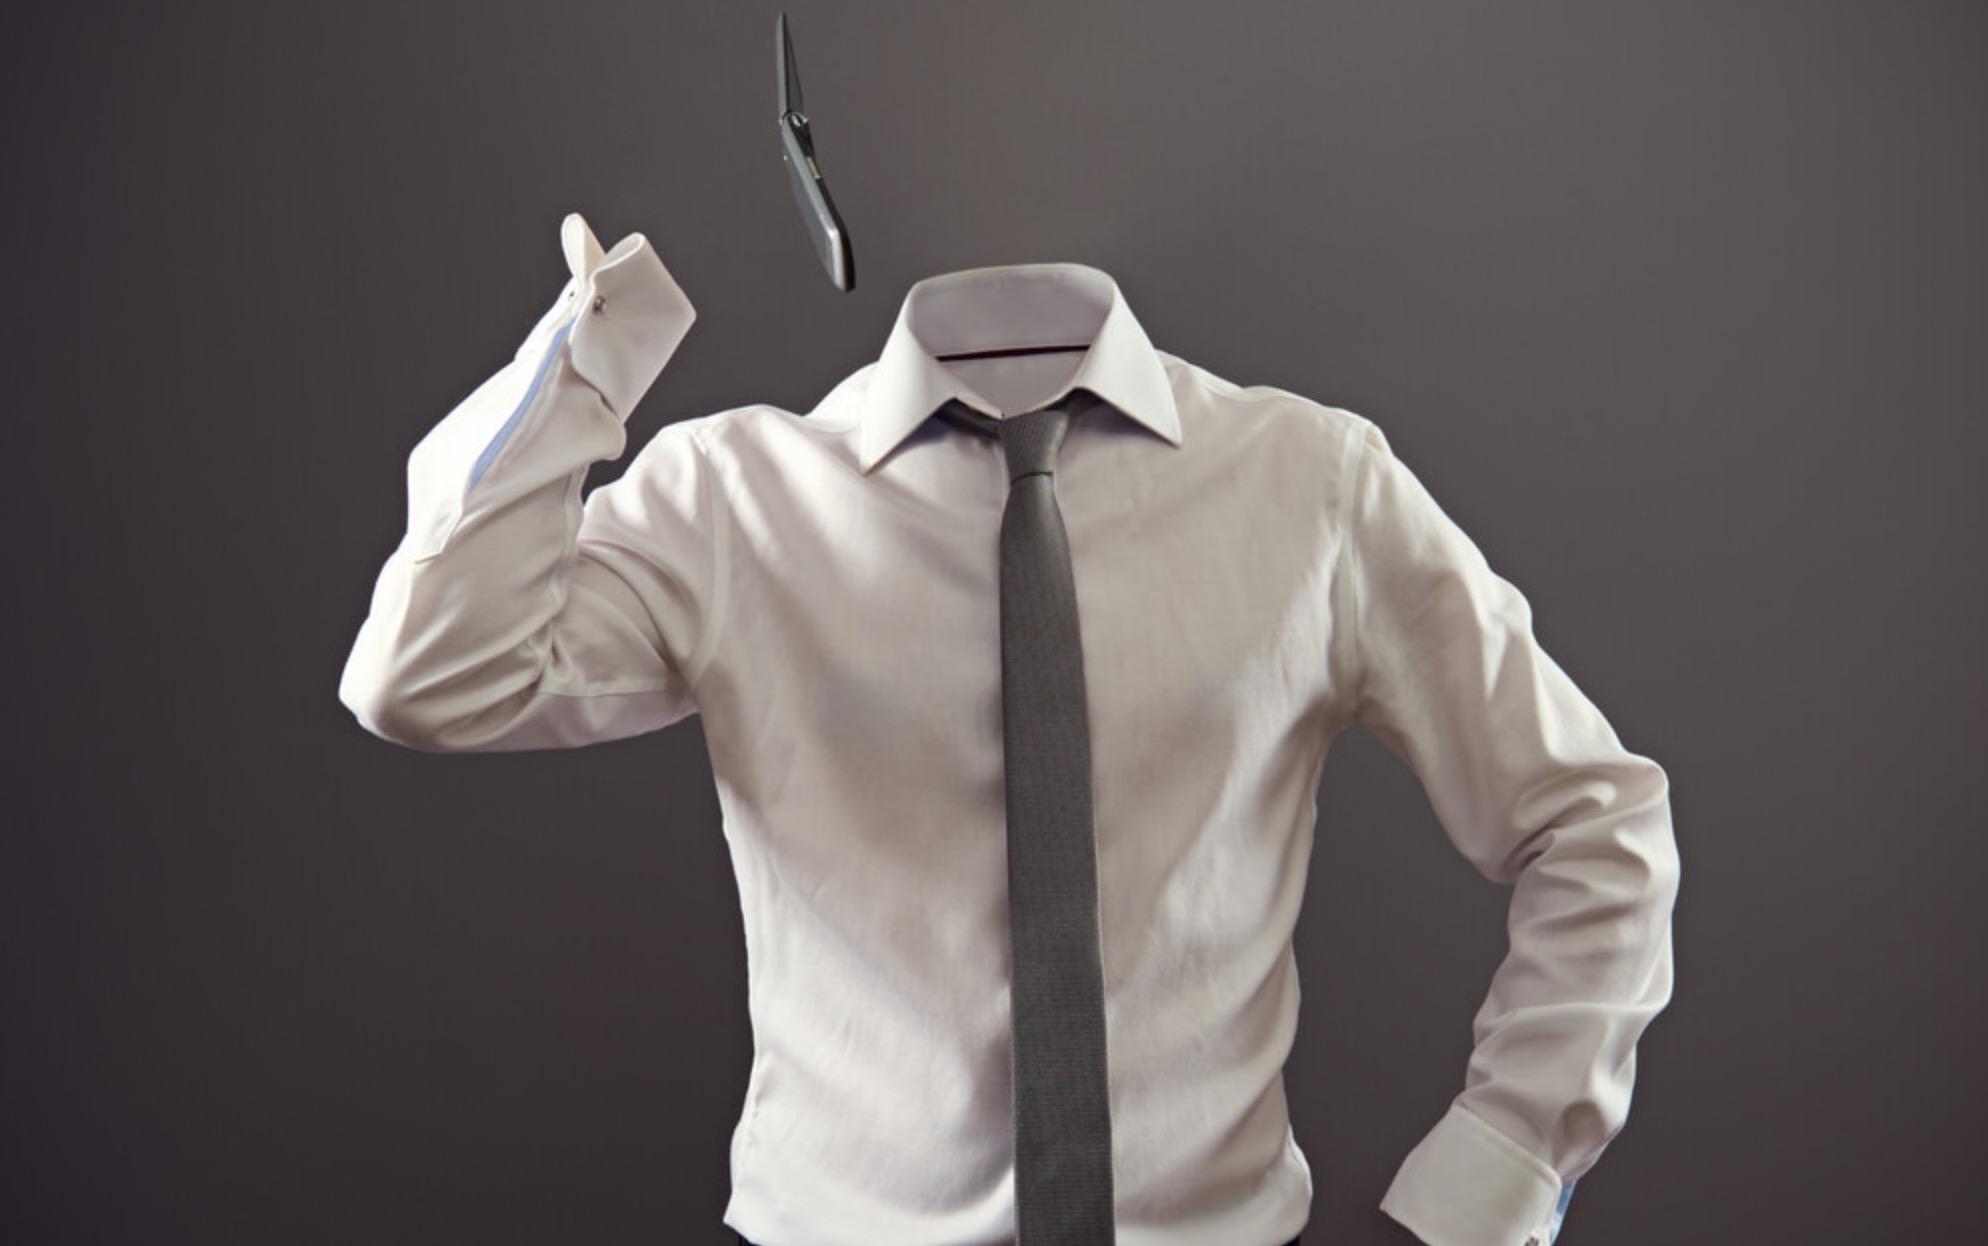 Scoprire numero privato: come si fa se anonimo o sconosciuto